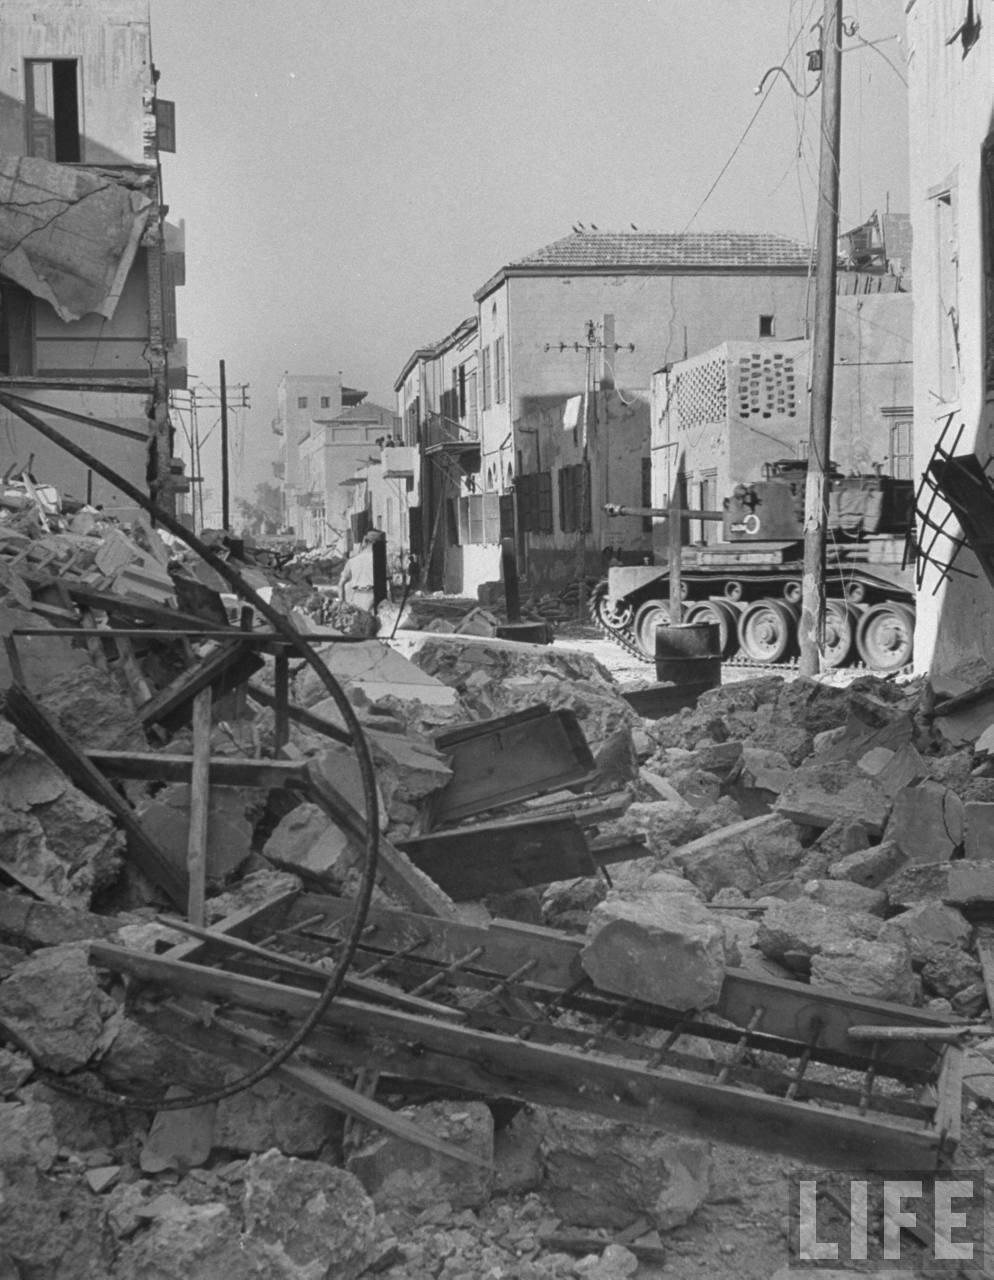 1948. Британские танки патрулируют улицы в Яффо, стремясь предотвратить любые дальнейшие бои между евреями и арабами до окончания срока мандата